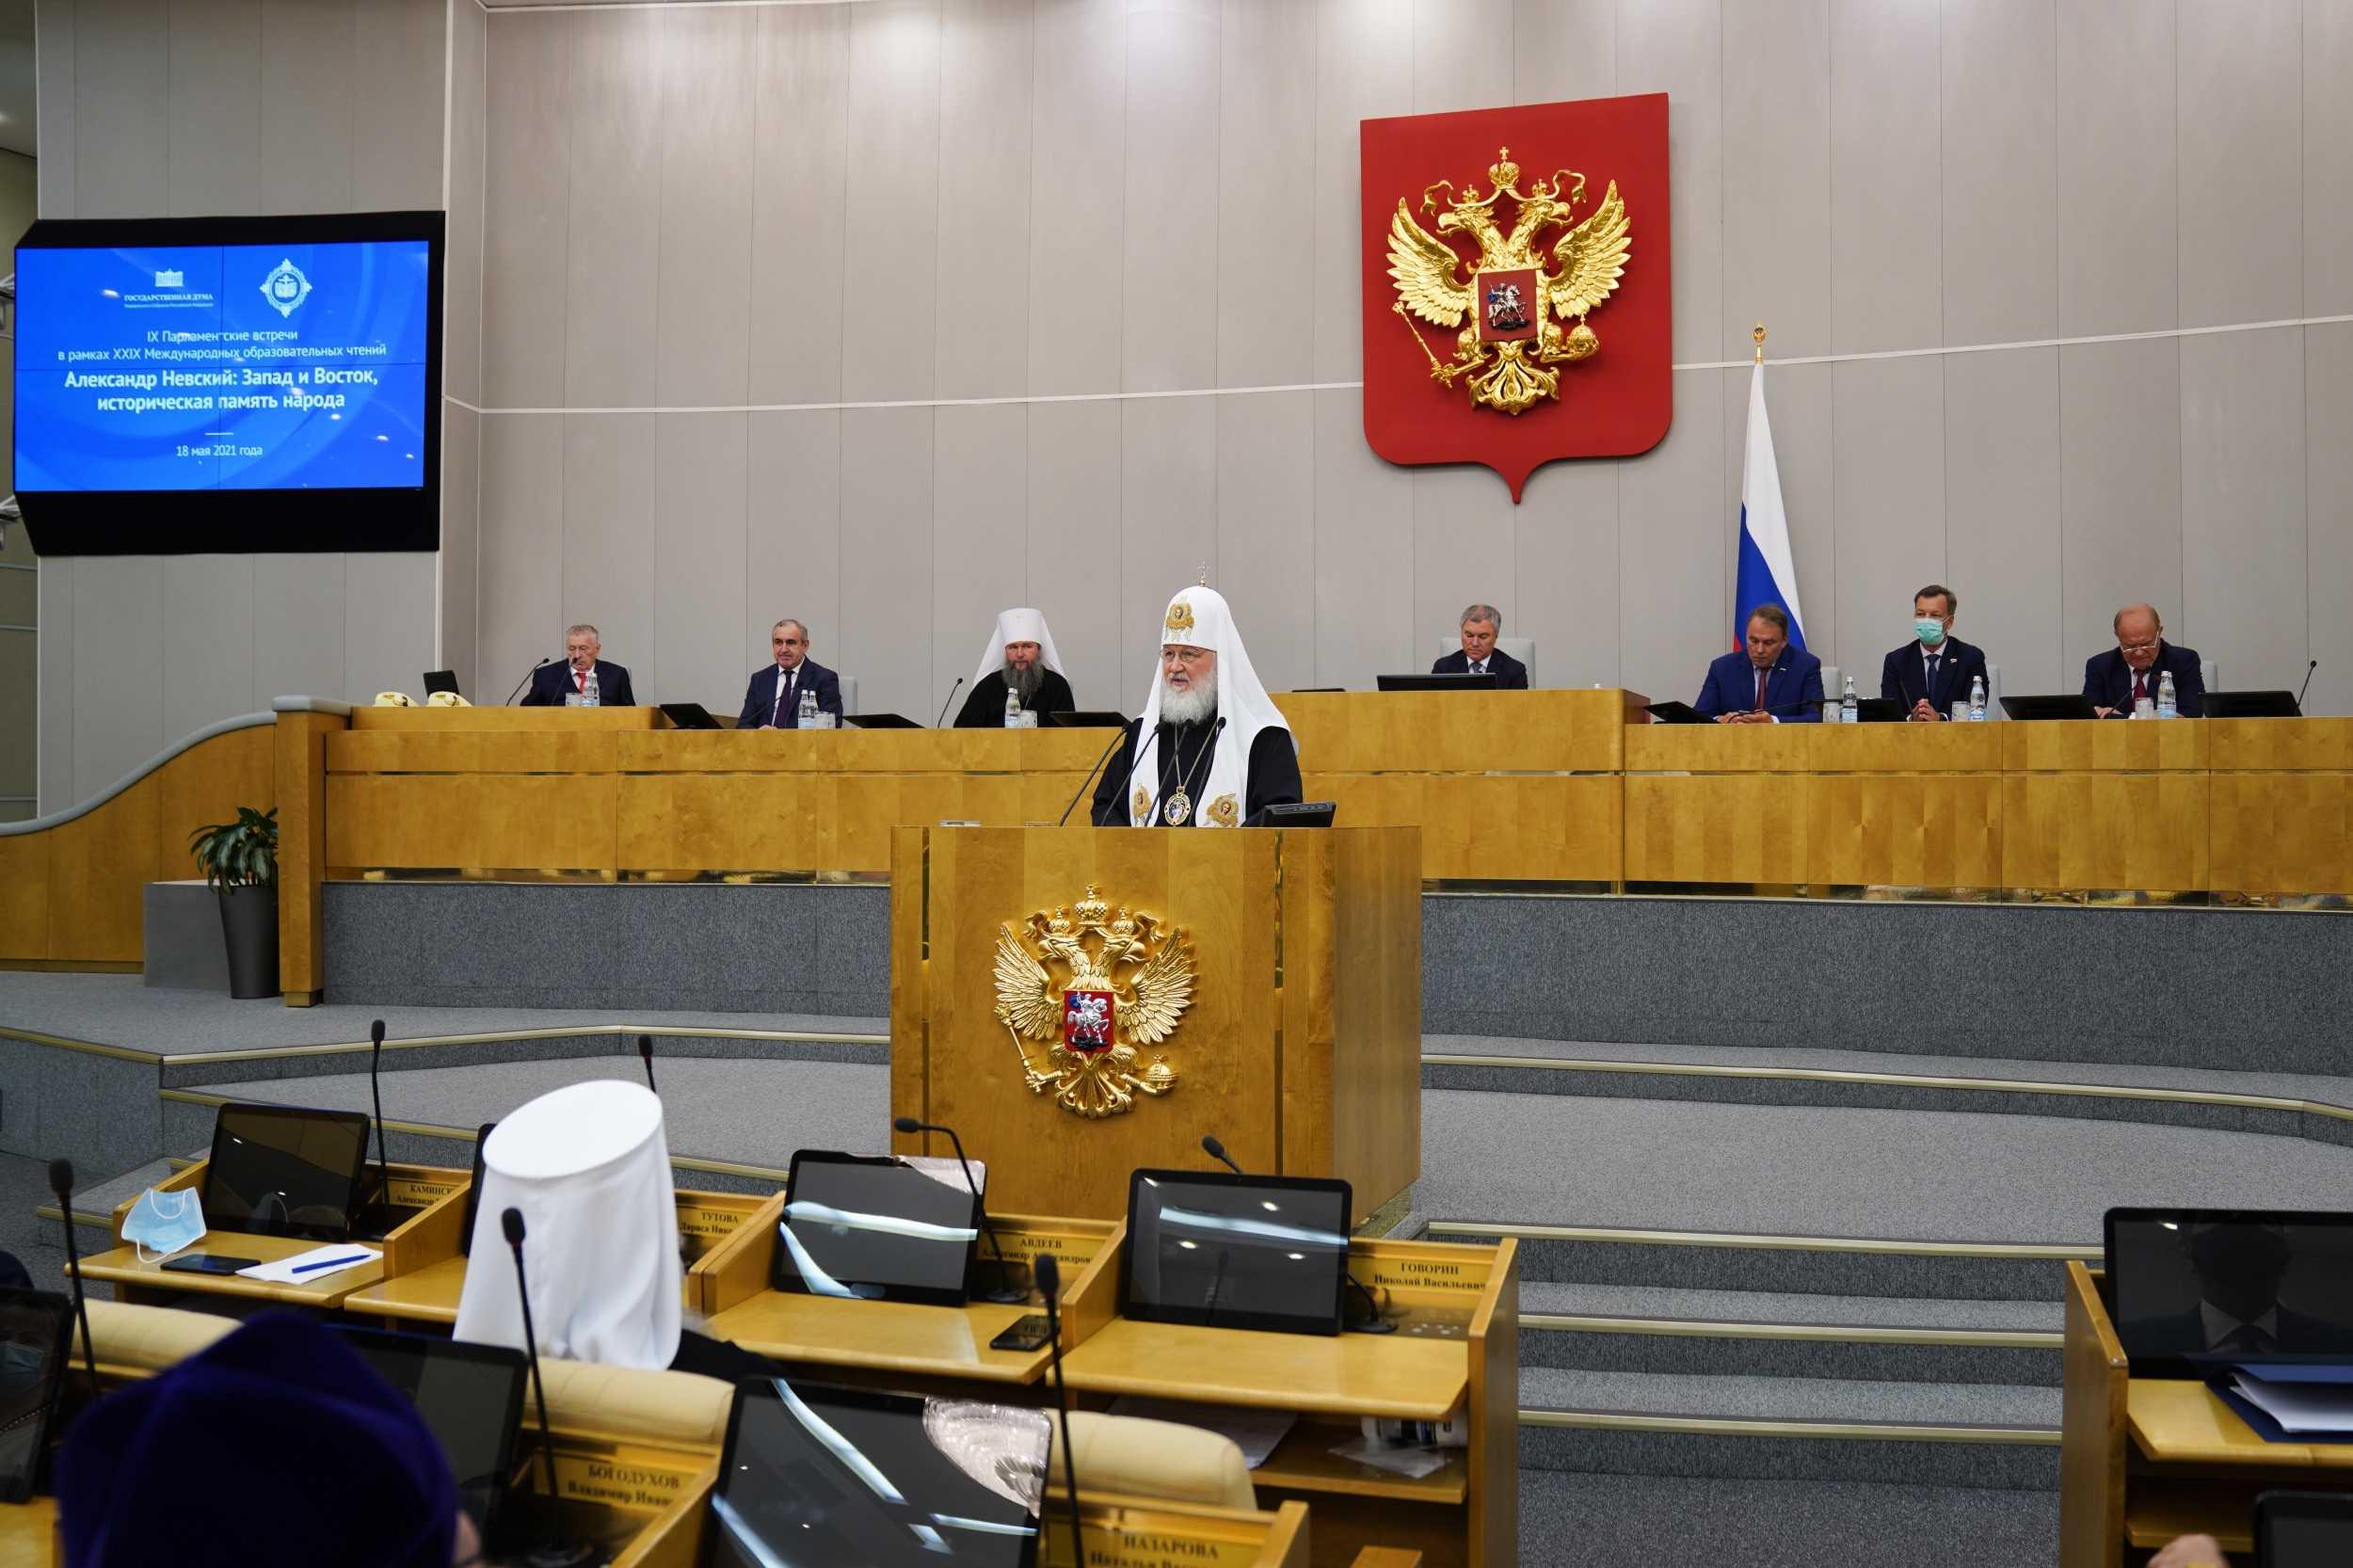 Святейший Патриарх Московский и всея Руси Кирилл выступает на пленарном заседании IX Парламентских встреч